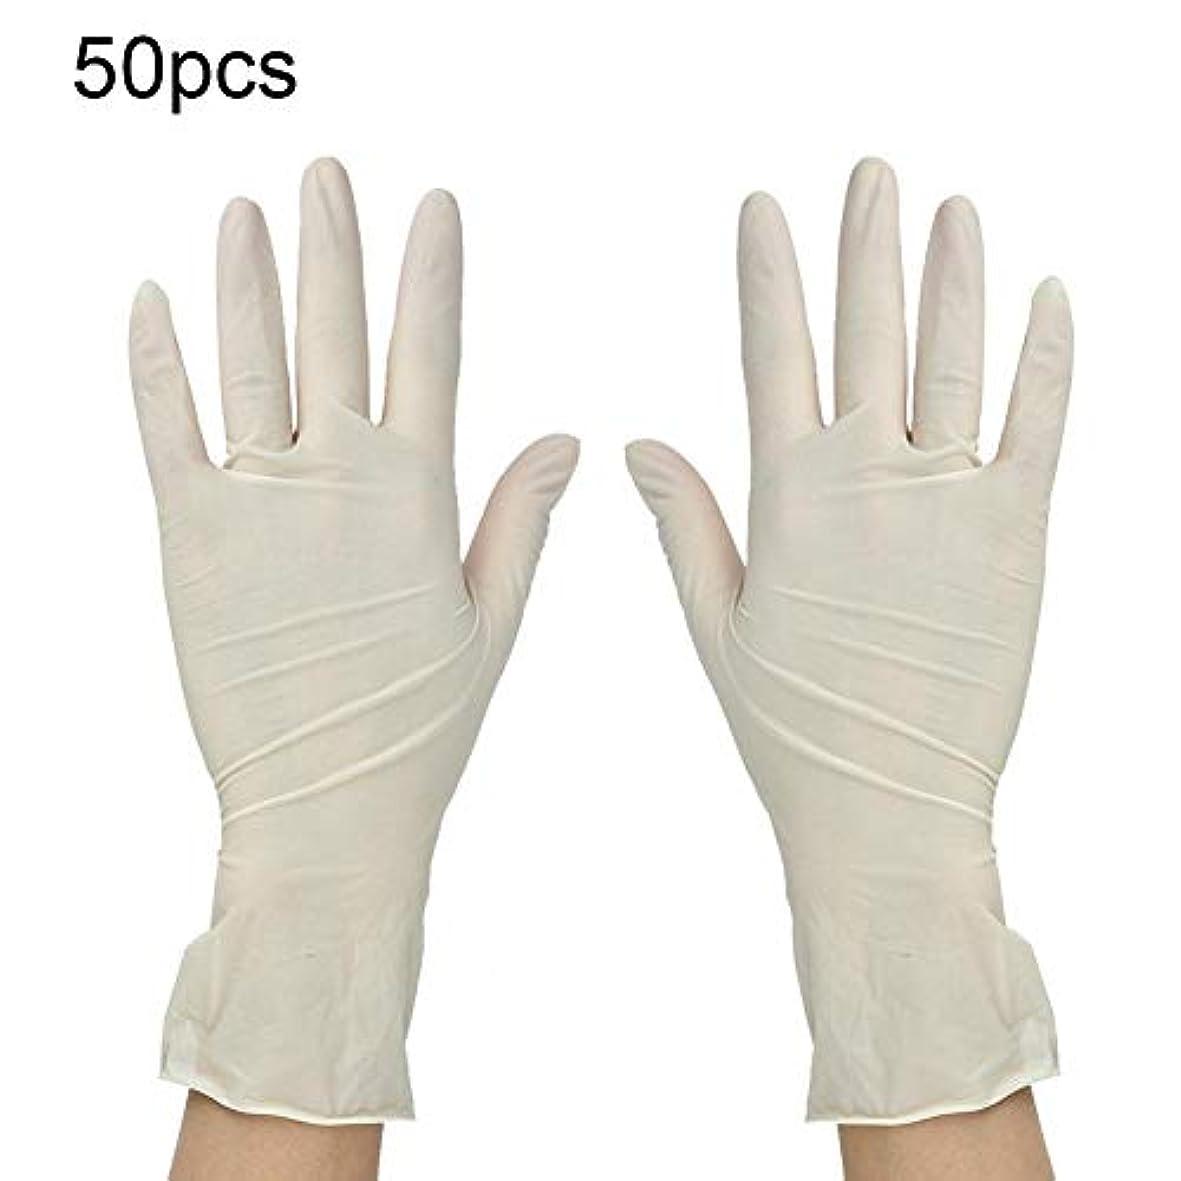 つらい鏡自分を引き上げる50ペア/パック使い捨て手袋 エクストラストロングラテックスグローブ 美容院医療歯科 サービスクリーニング手袋(S)